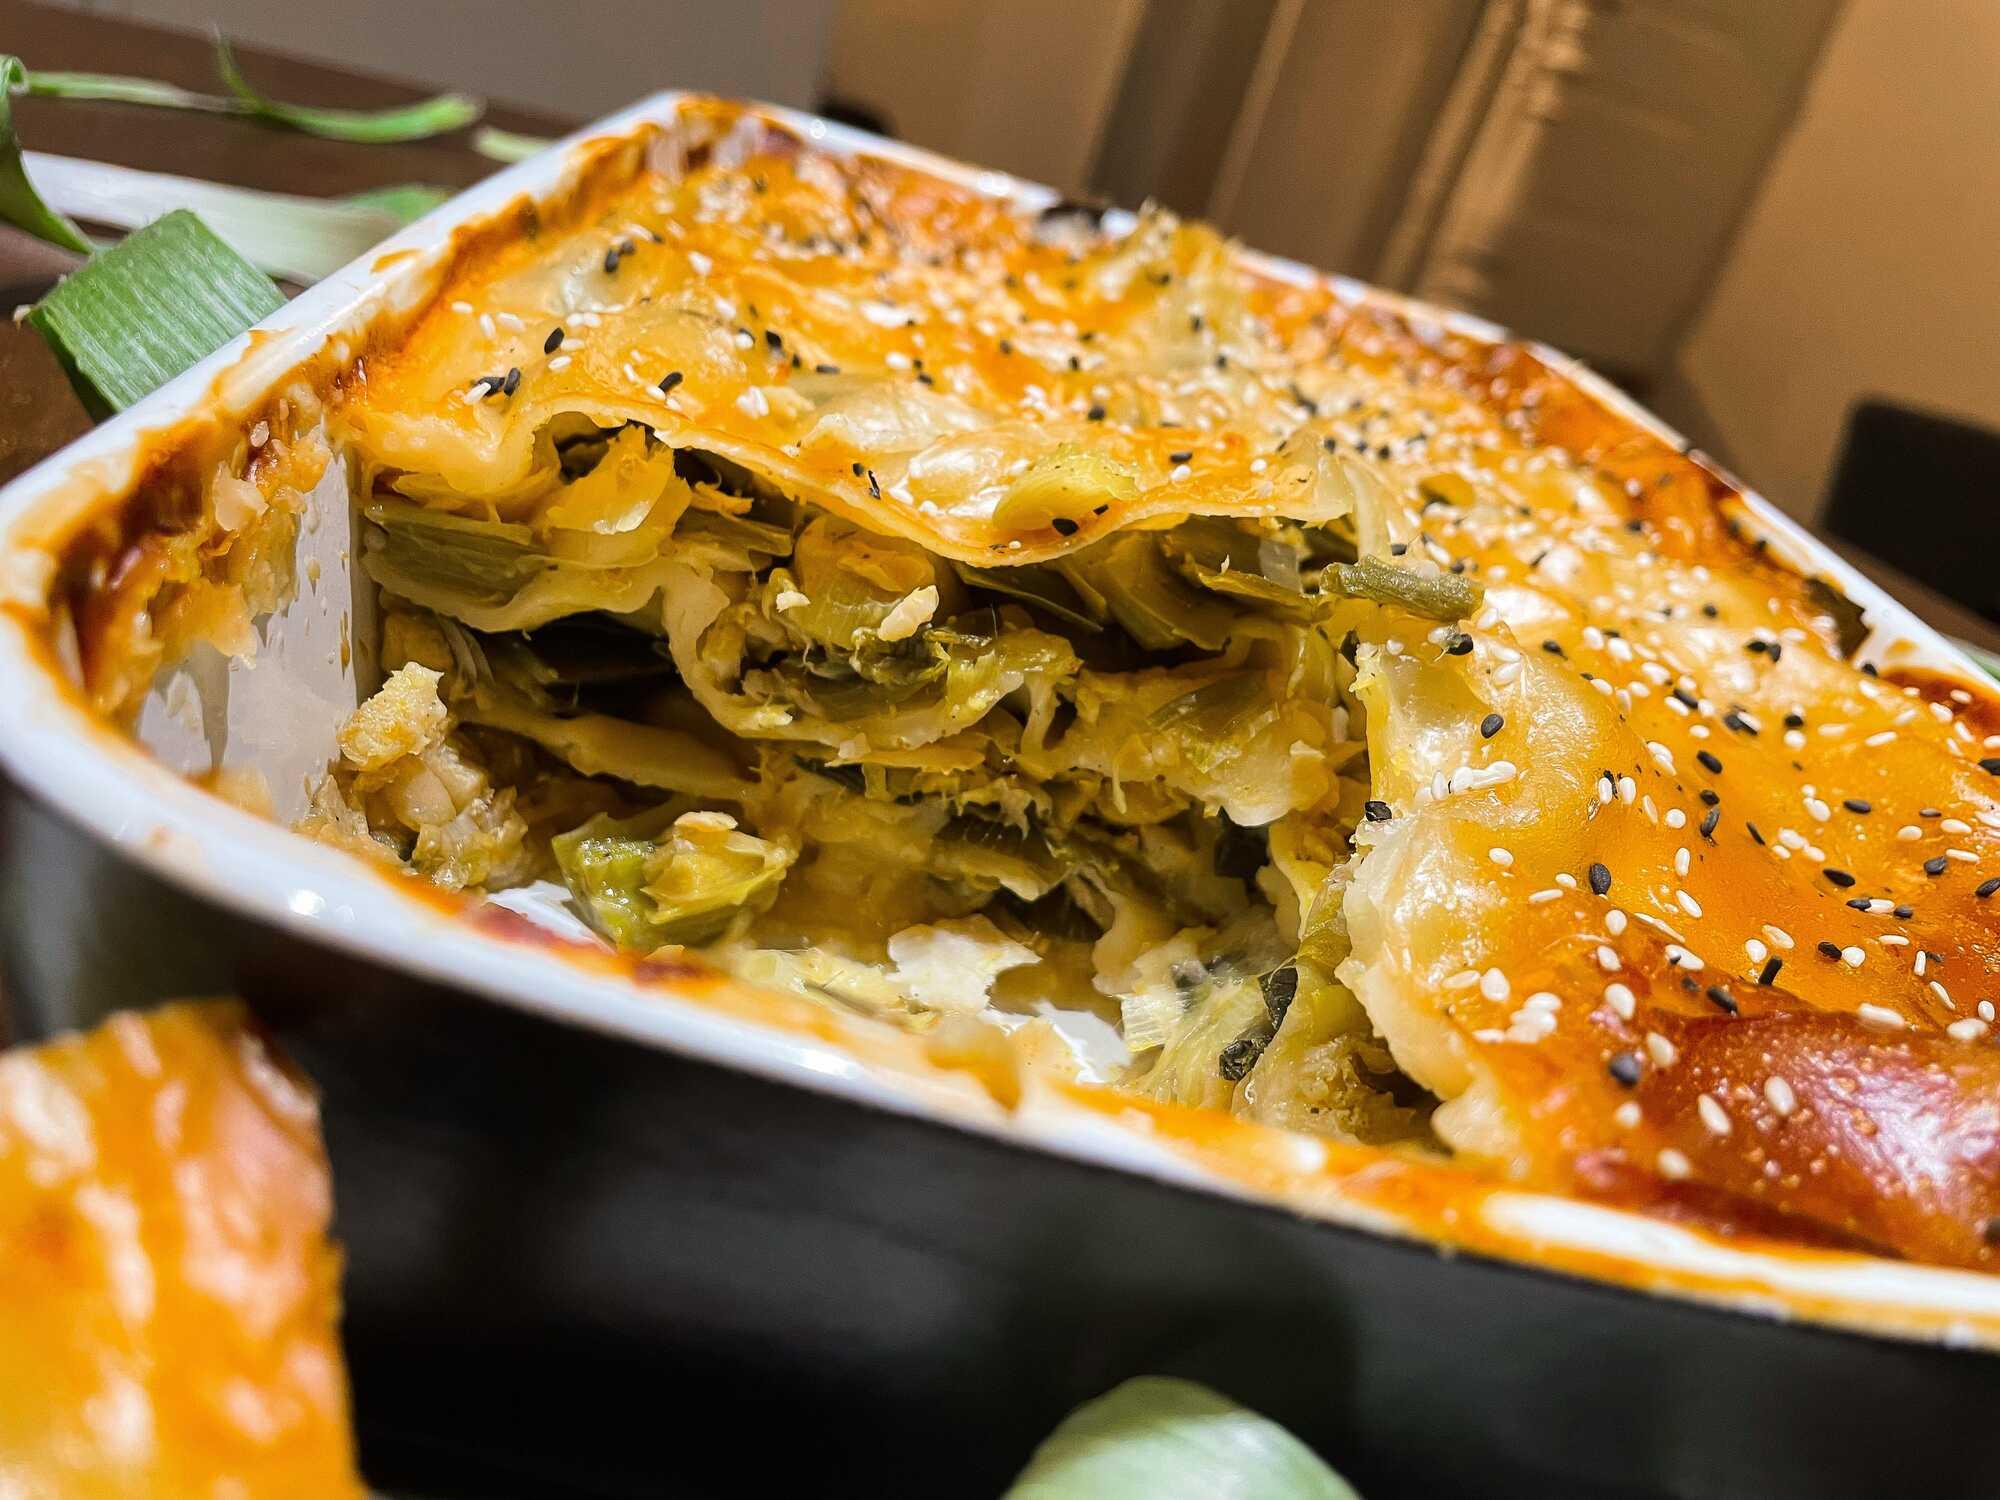 Dans un plat à gratin se trouve les lasagnes recouverts d'une couche de crème Béchamel. Une grosse partie a déjà été prélevée.